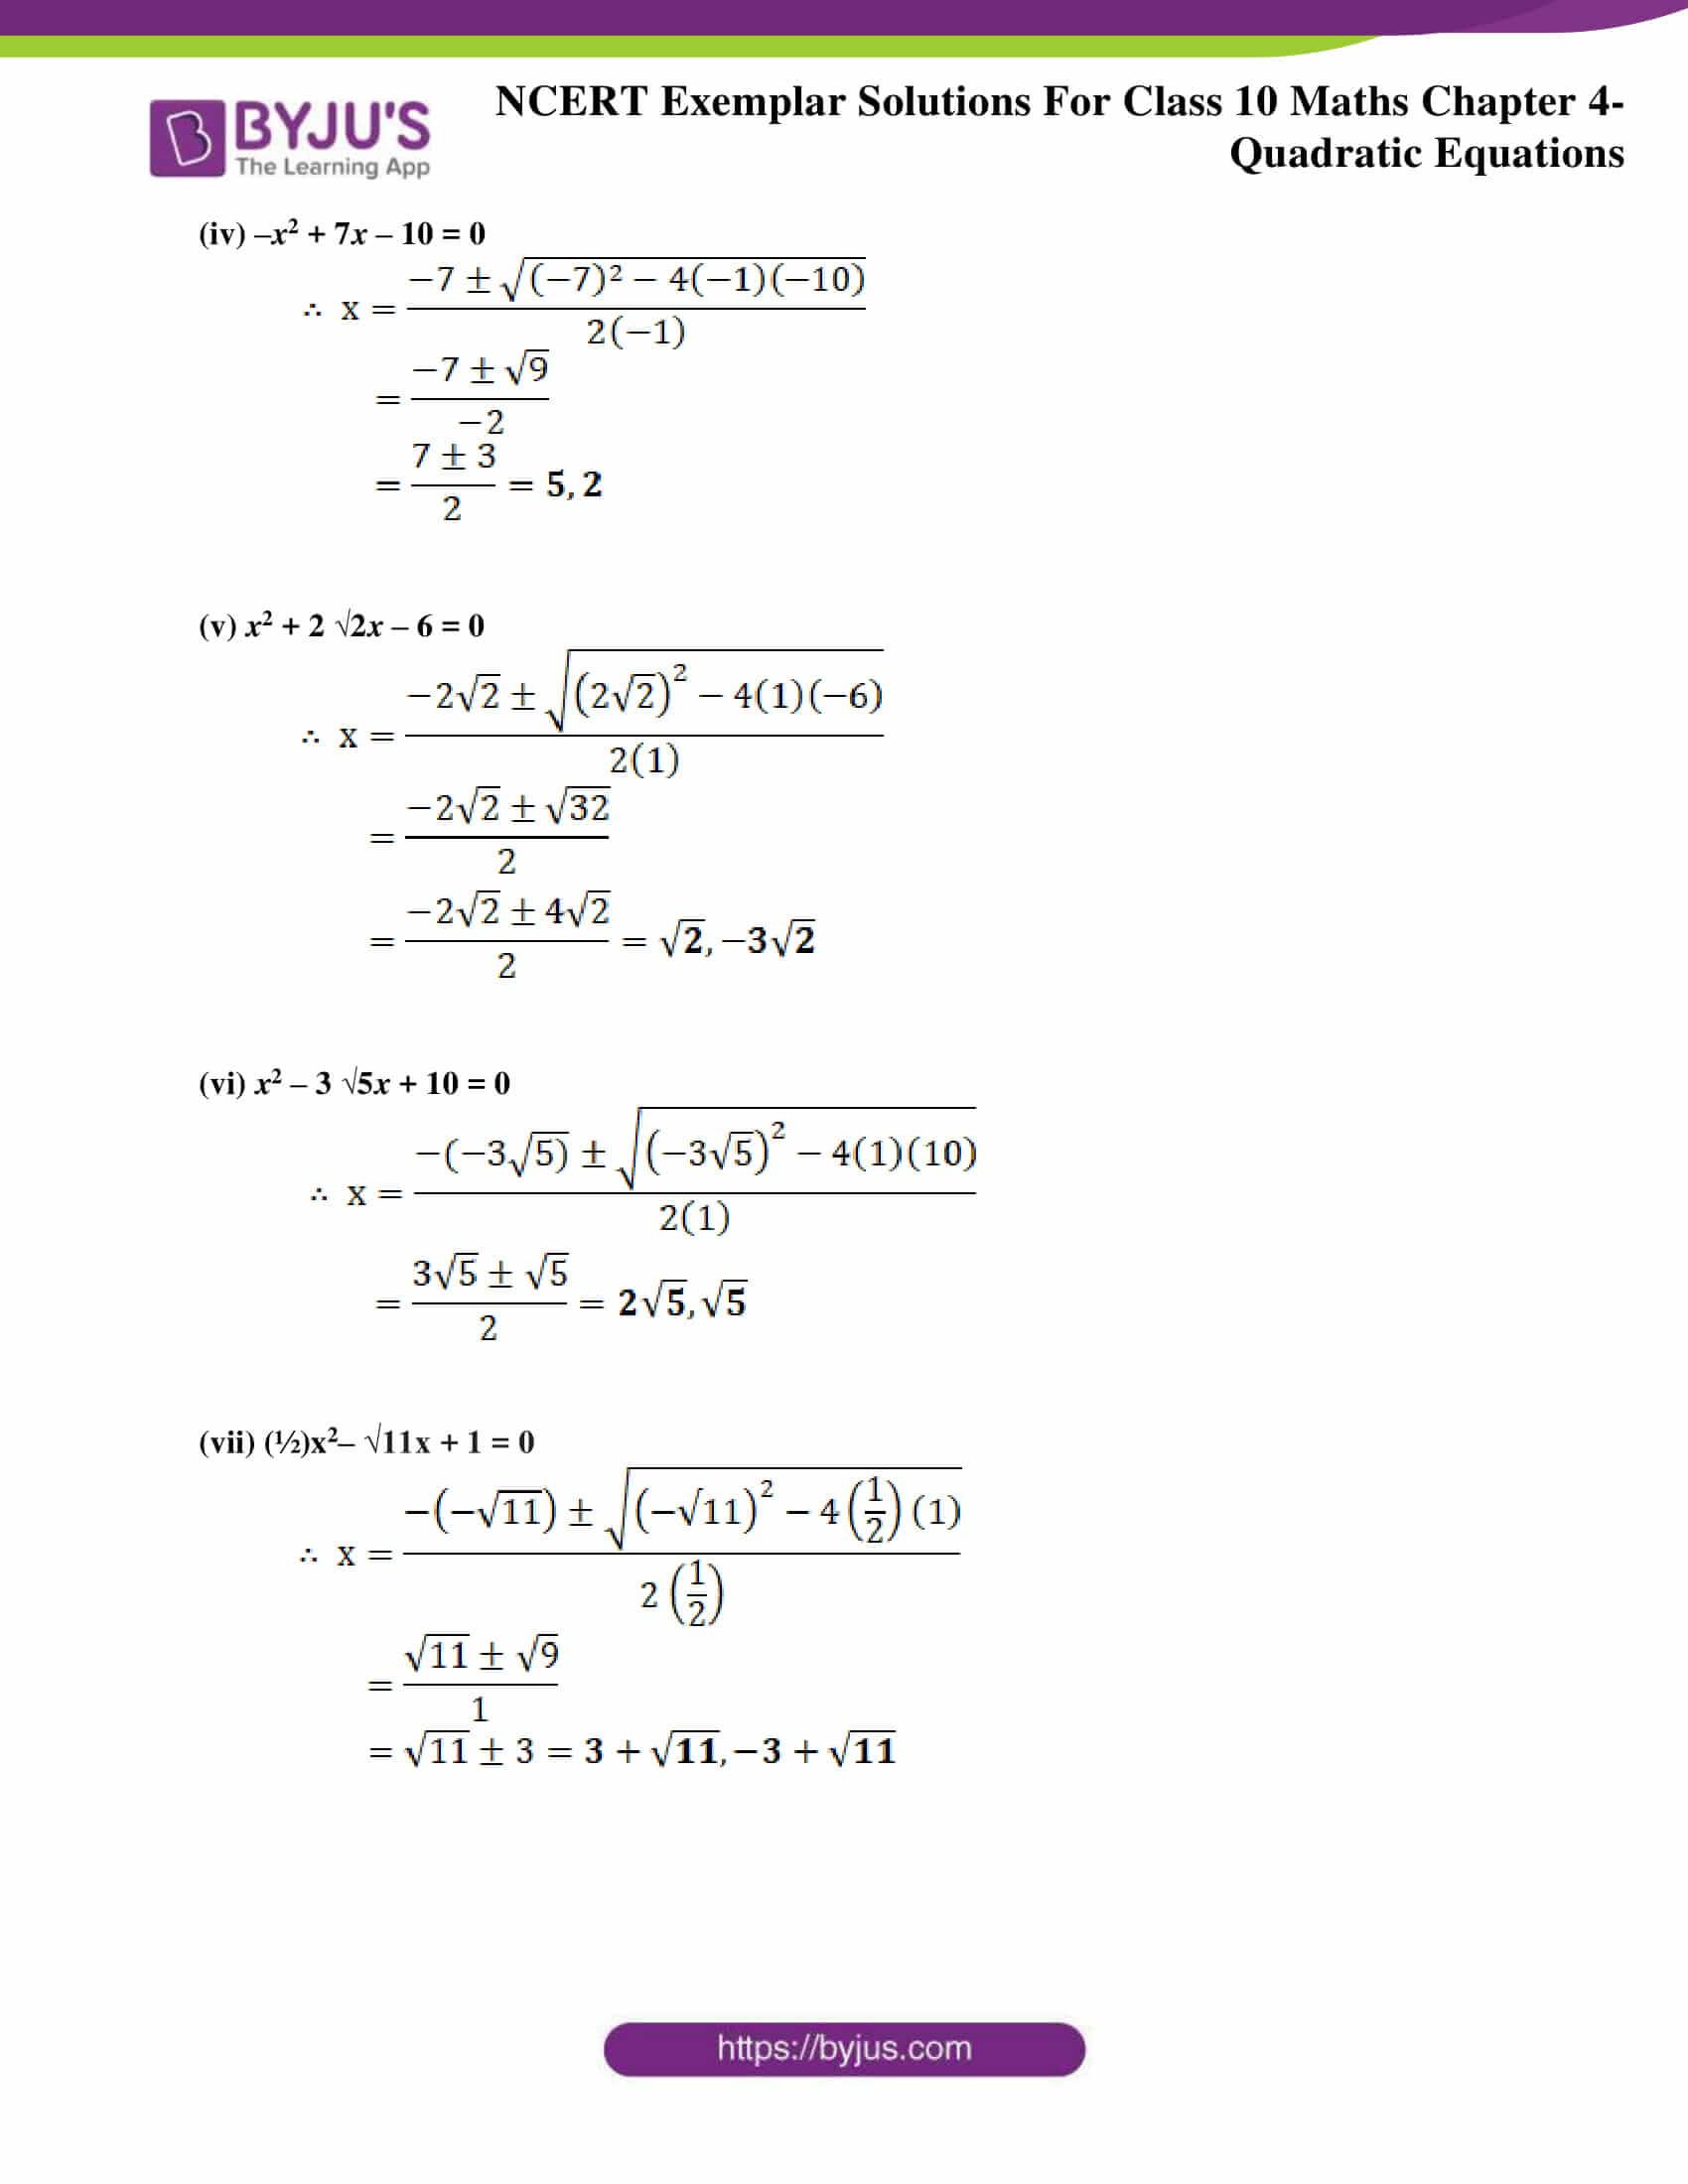 NCERT Exemplar sol Class 10 Maths chapter 4